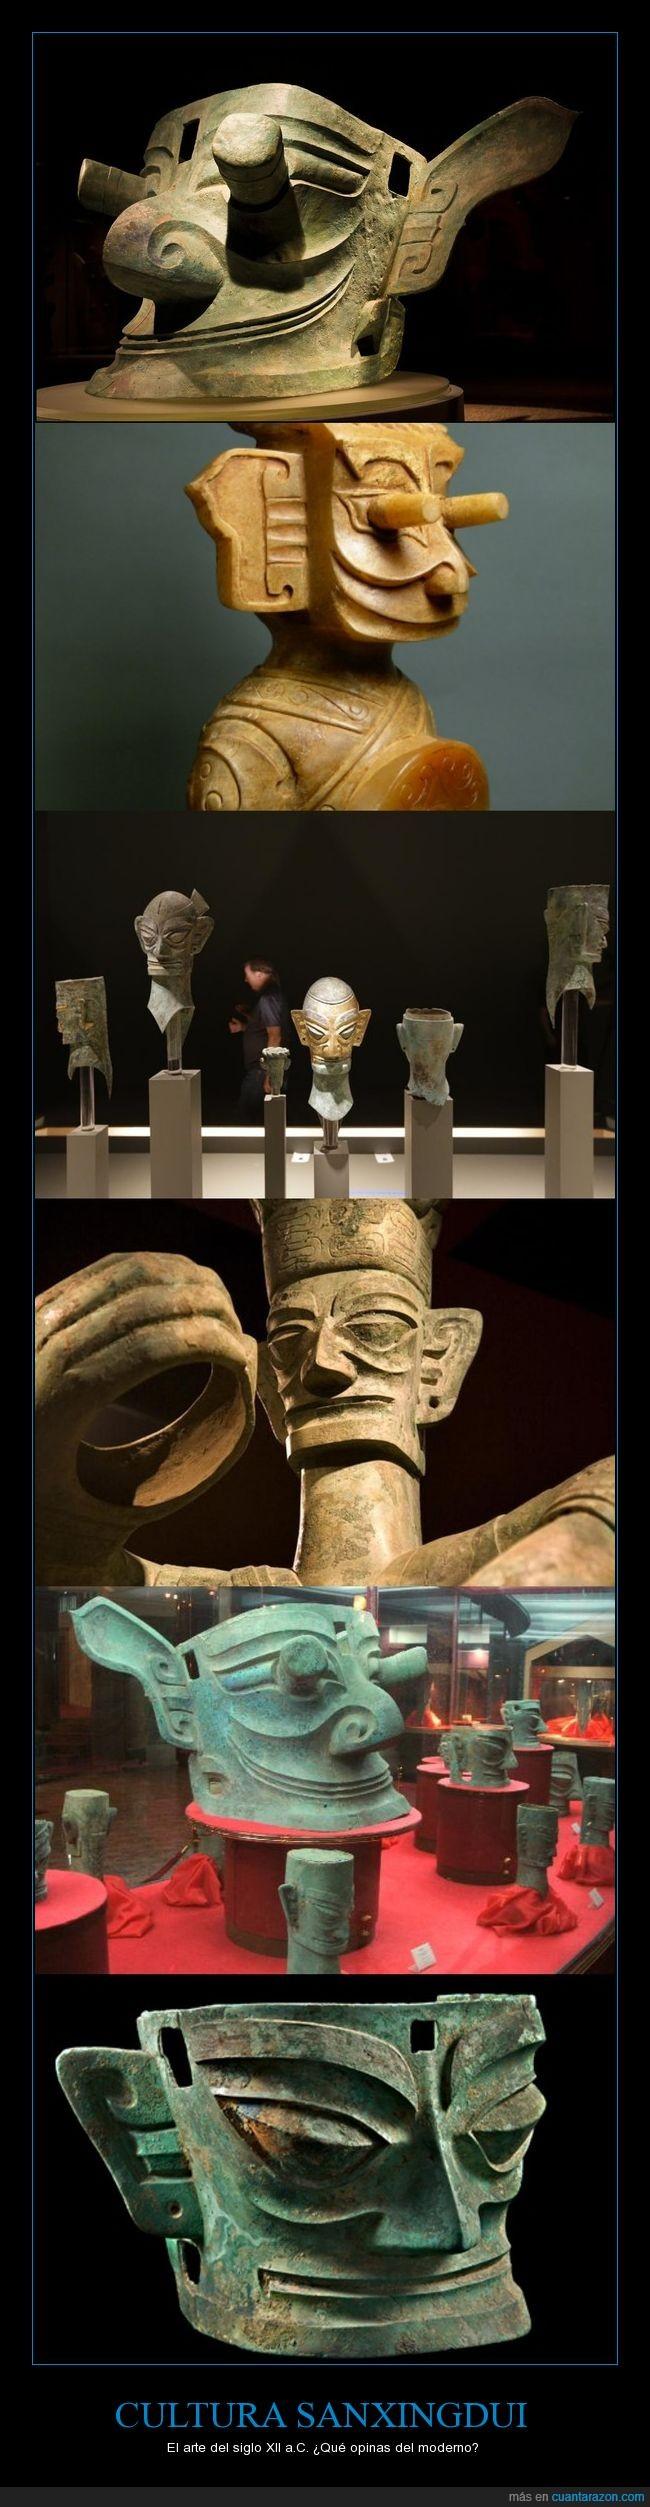 arte,cabezudo,Cultura Sanxingdui,molón,ojudo,orejudo